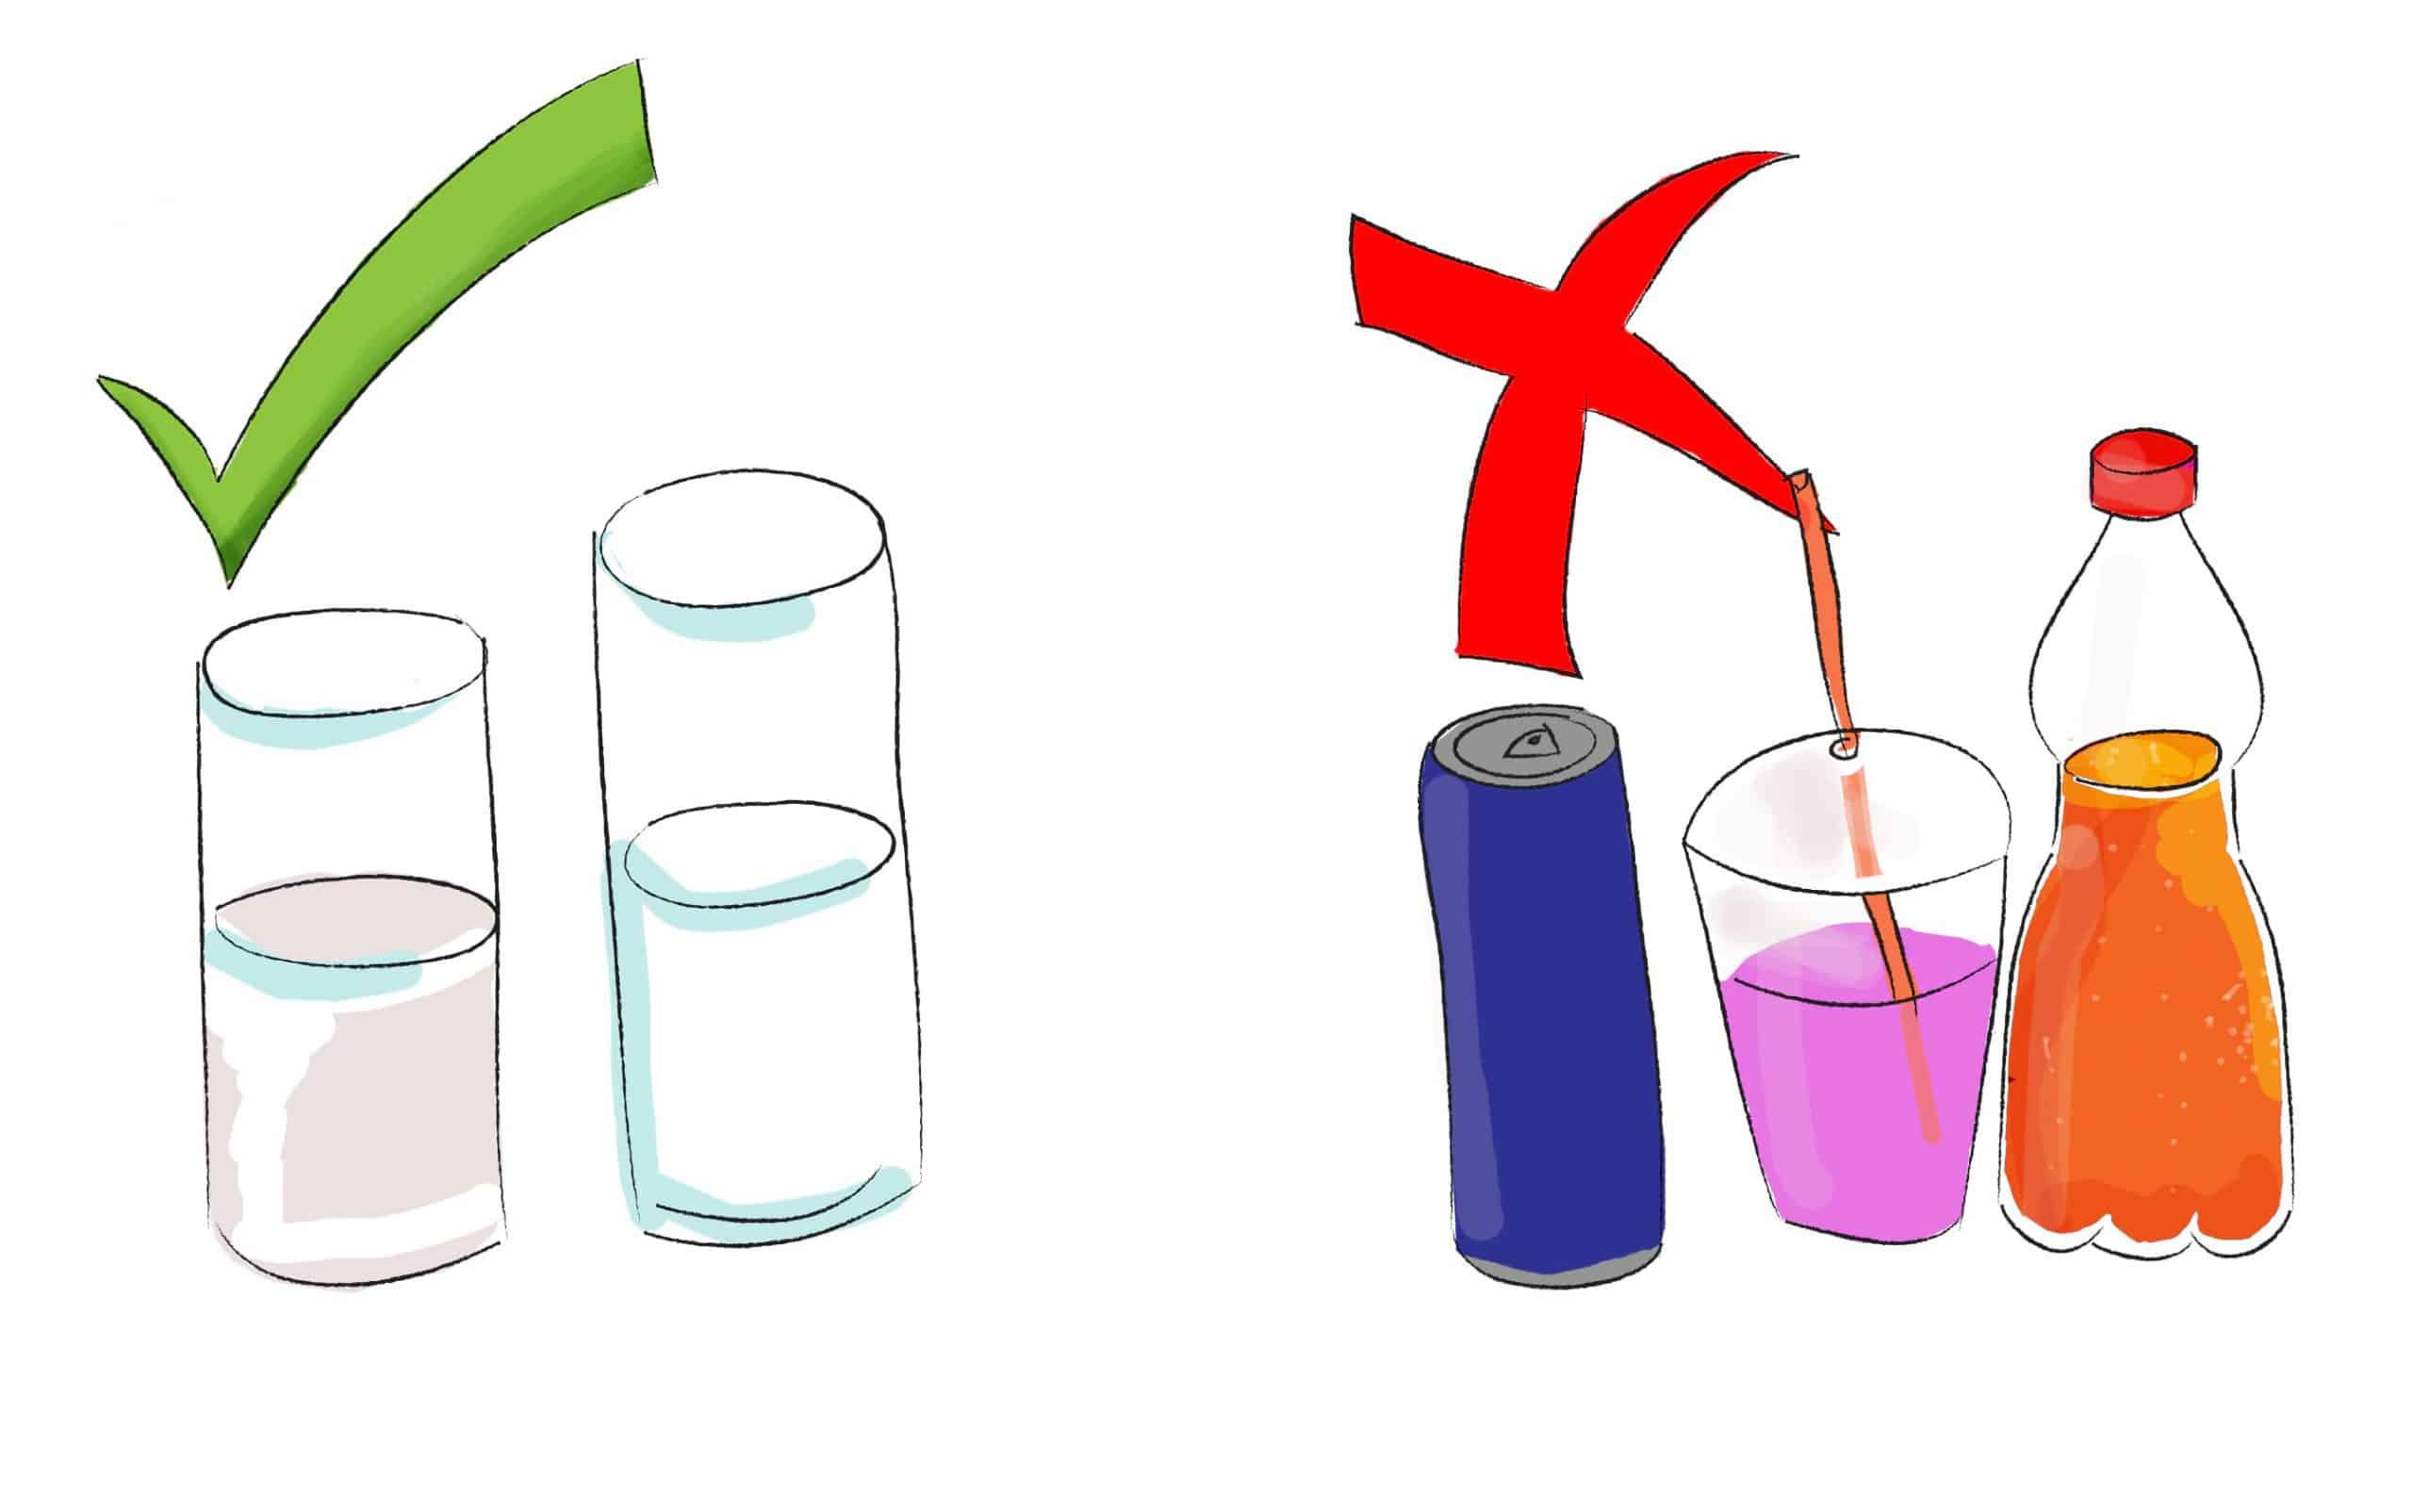 אילו משקאות מתאימים לשימוש בתפריט בריא ומאוזן